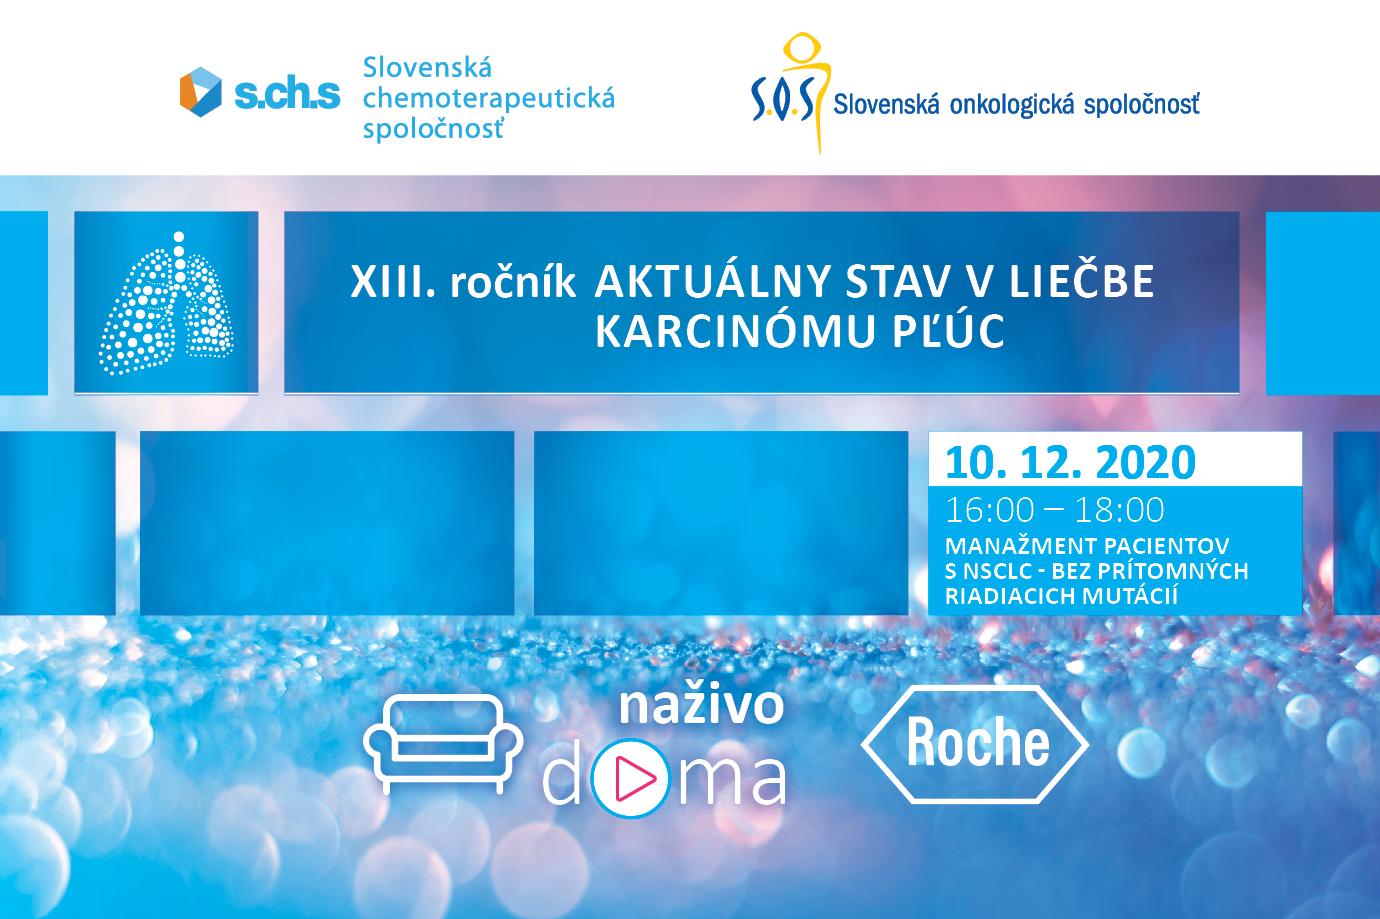 XIII. ročník Aktuálny stav v liečbe karcinómu pľúc 10.12.2020